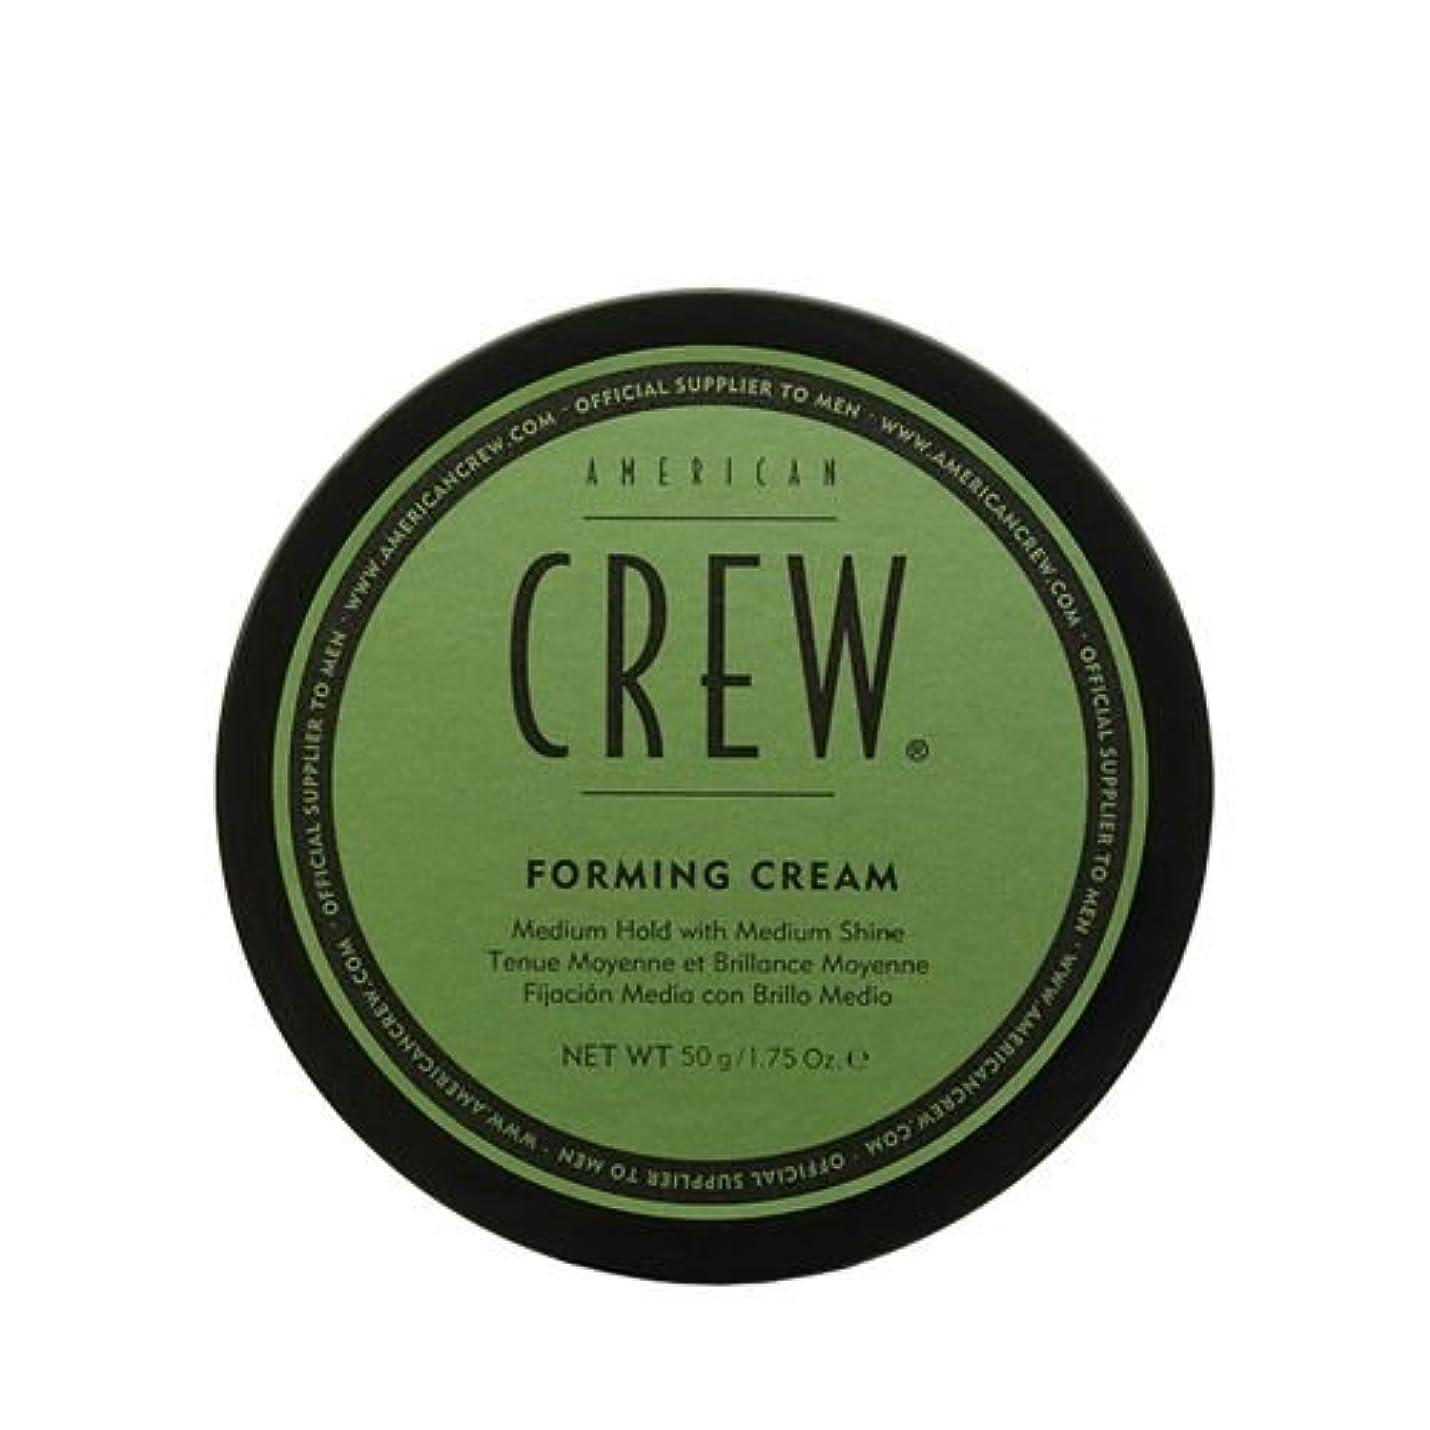 酸お風呂爪アメリカン クルー フォーミングヘアクリーム American Crew Forming Cream 50g [並行輸入品]